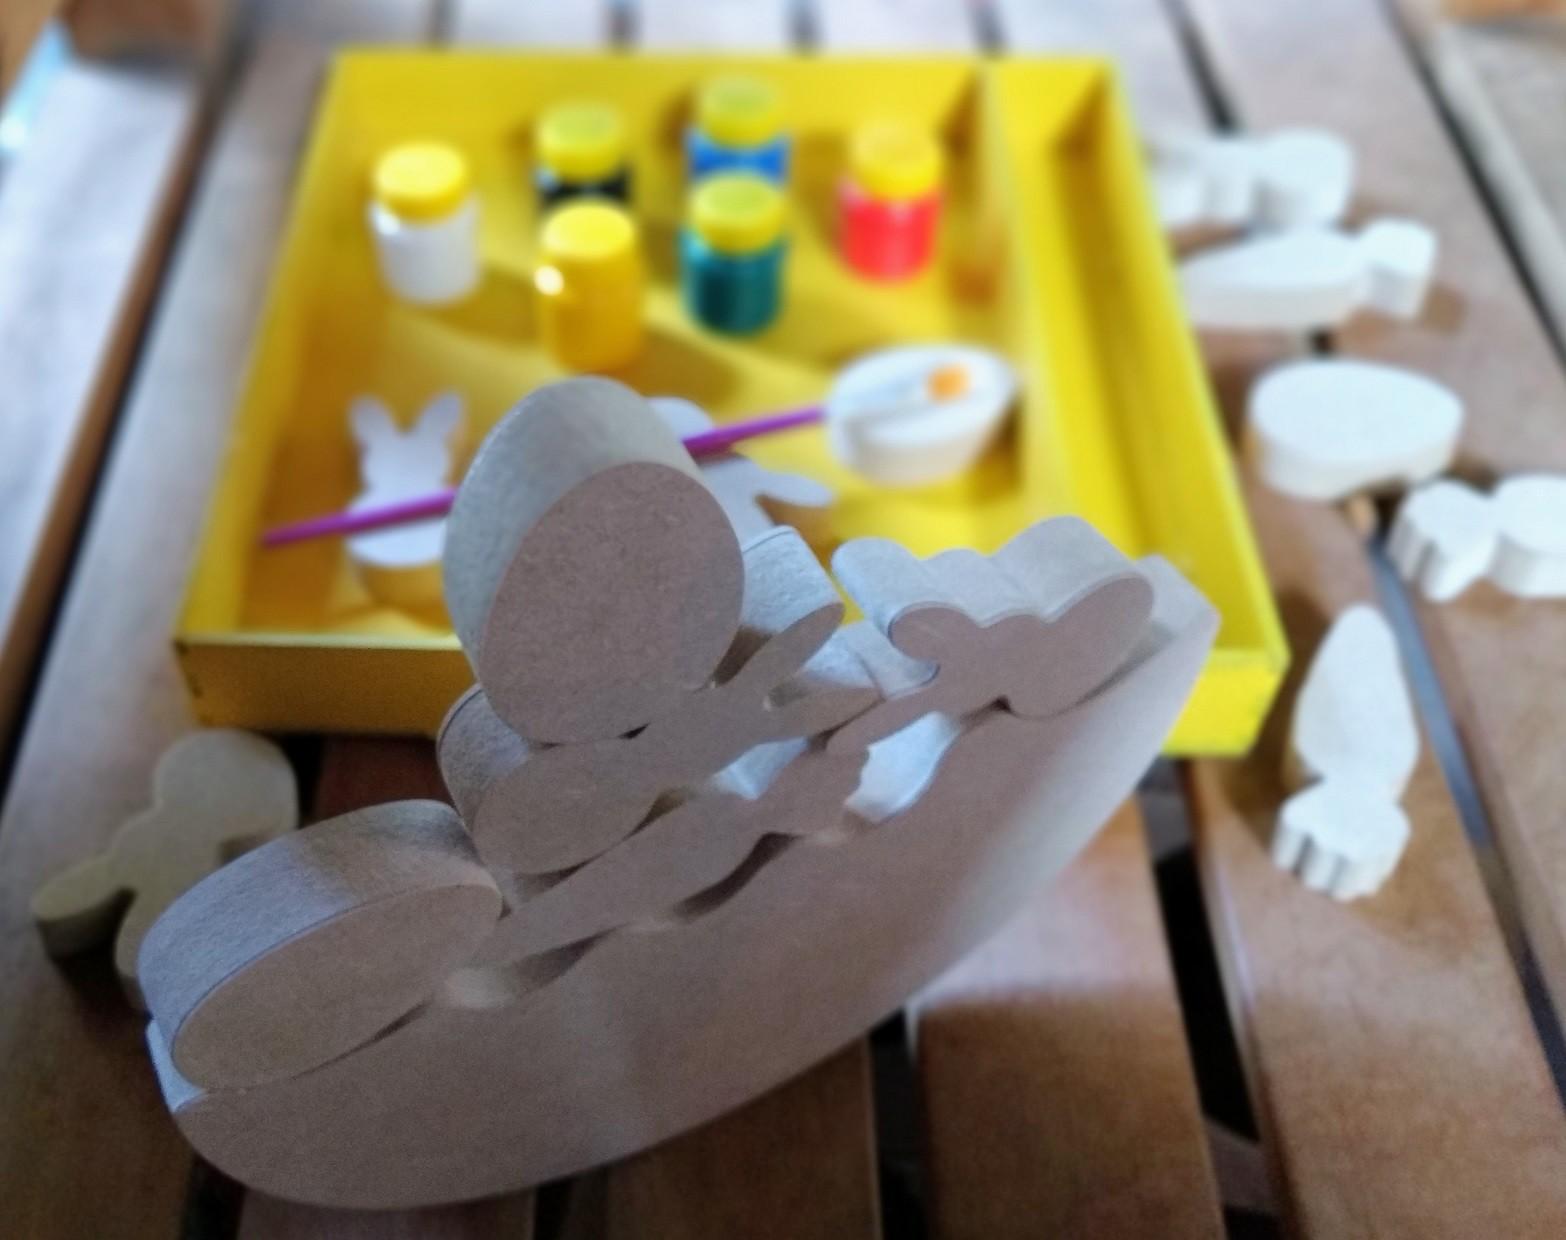 Brinquedo de madeira Jogo do Equilíbrio do Coelhinho para Colorir, da Fábrika dos Sonhos - Cód. FS24